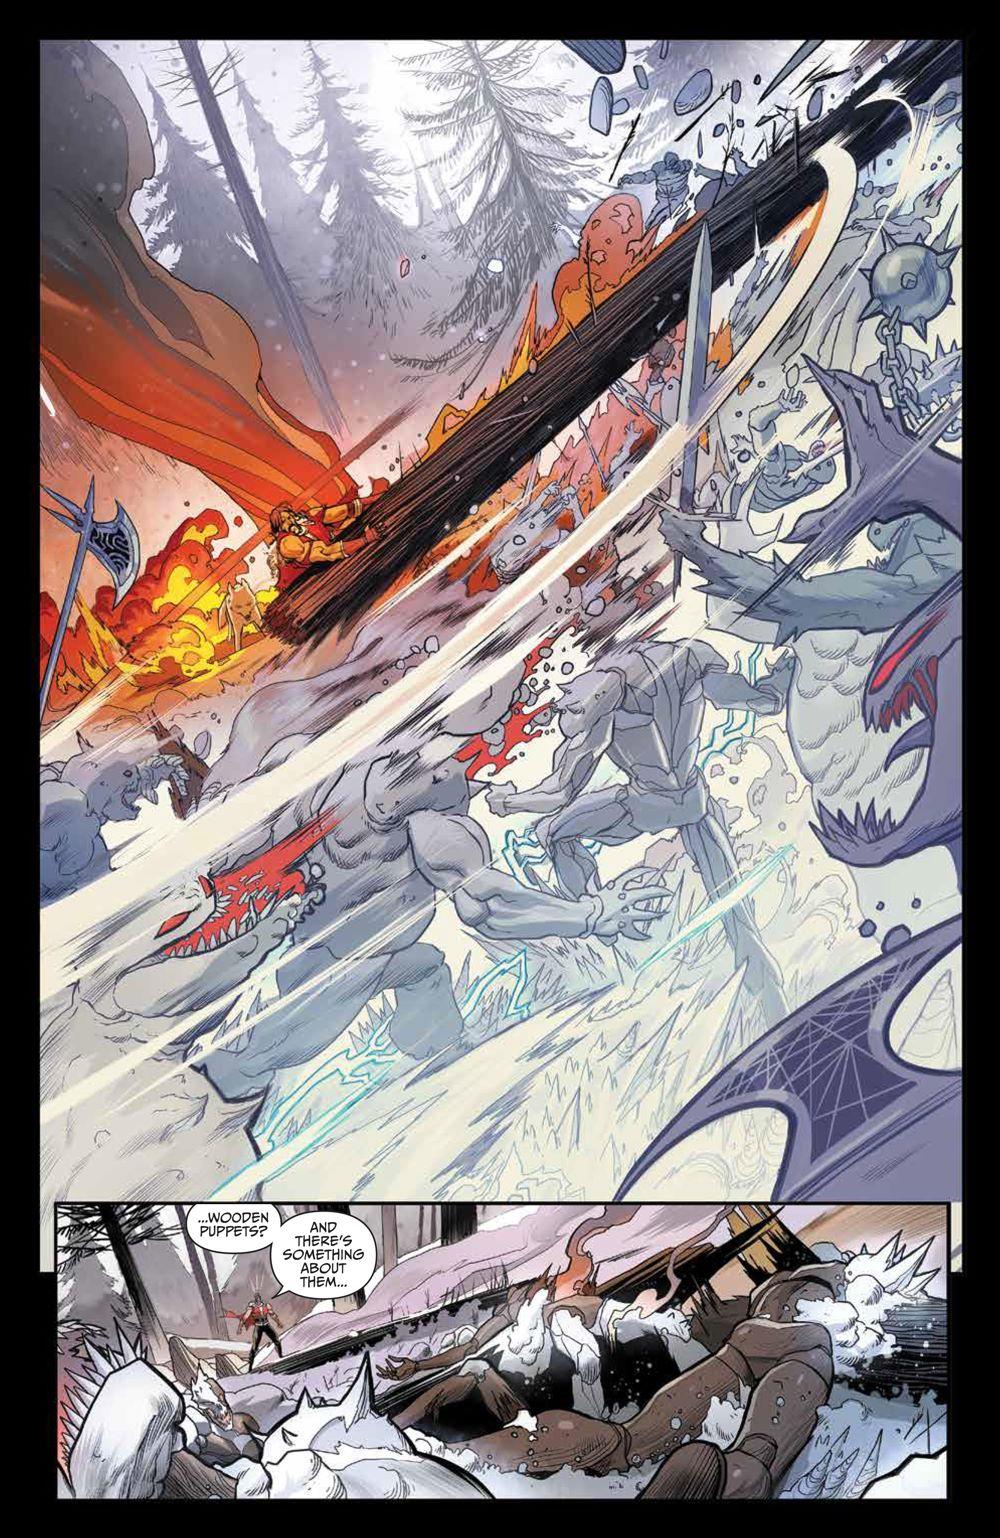 Klaus_NewAdventures_SC_PRESS_21 ComicList Previews: KLAUS THE NEW ADVENTURES OF SANTA CLAUS GN